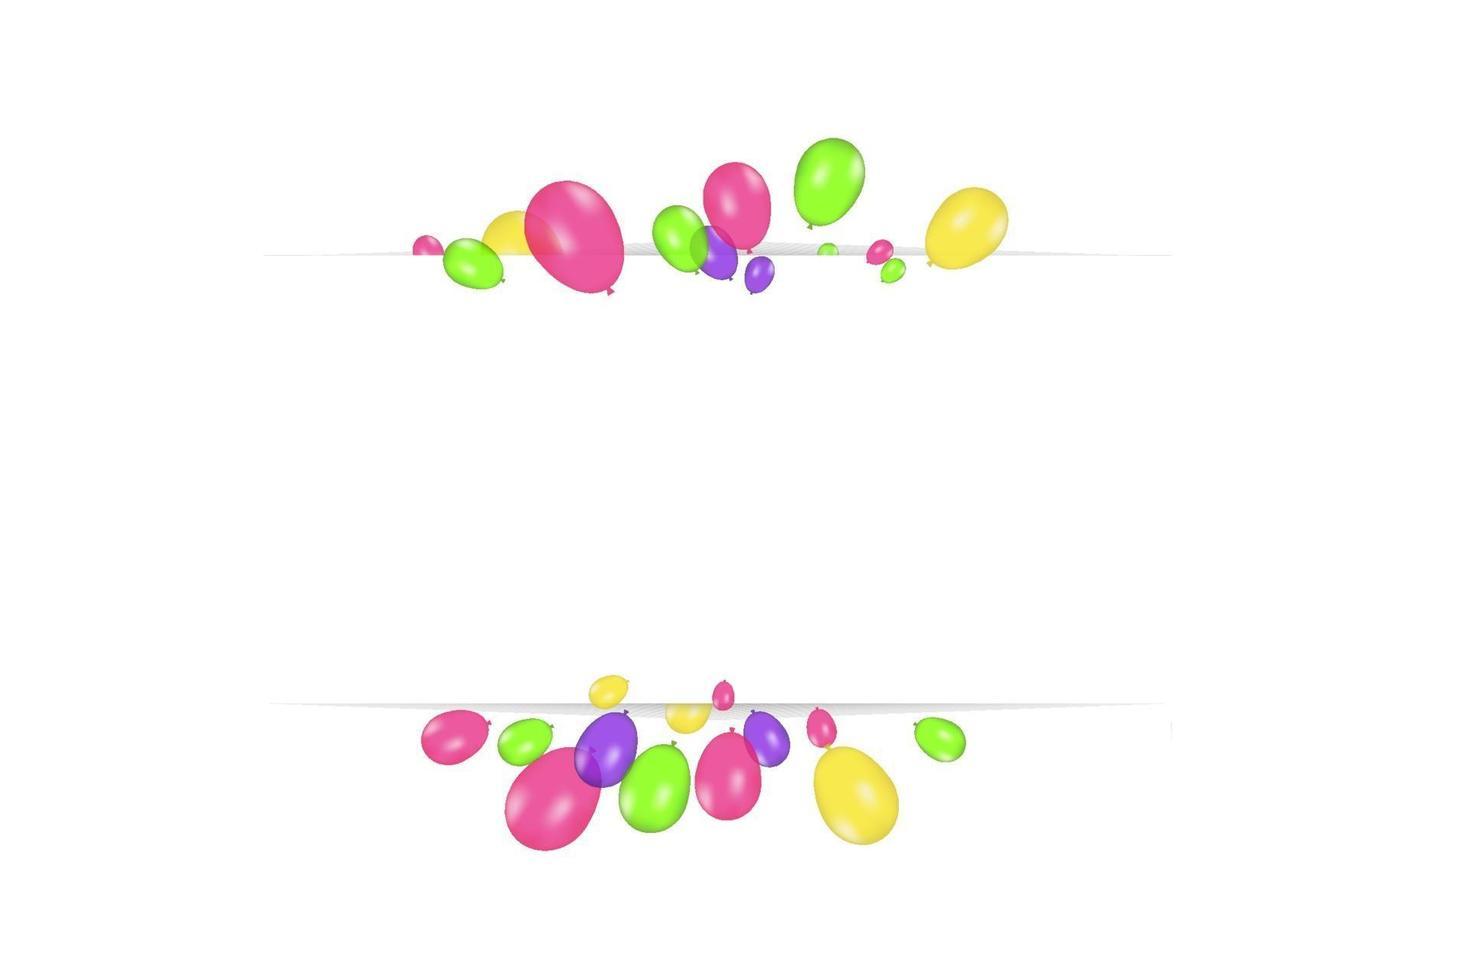 färgkomposition av realistiska vektorballonger isolerad på transparent bakgrund. ballonger isolerade. för födelsedag gratulationskort eller andra mönster vektor